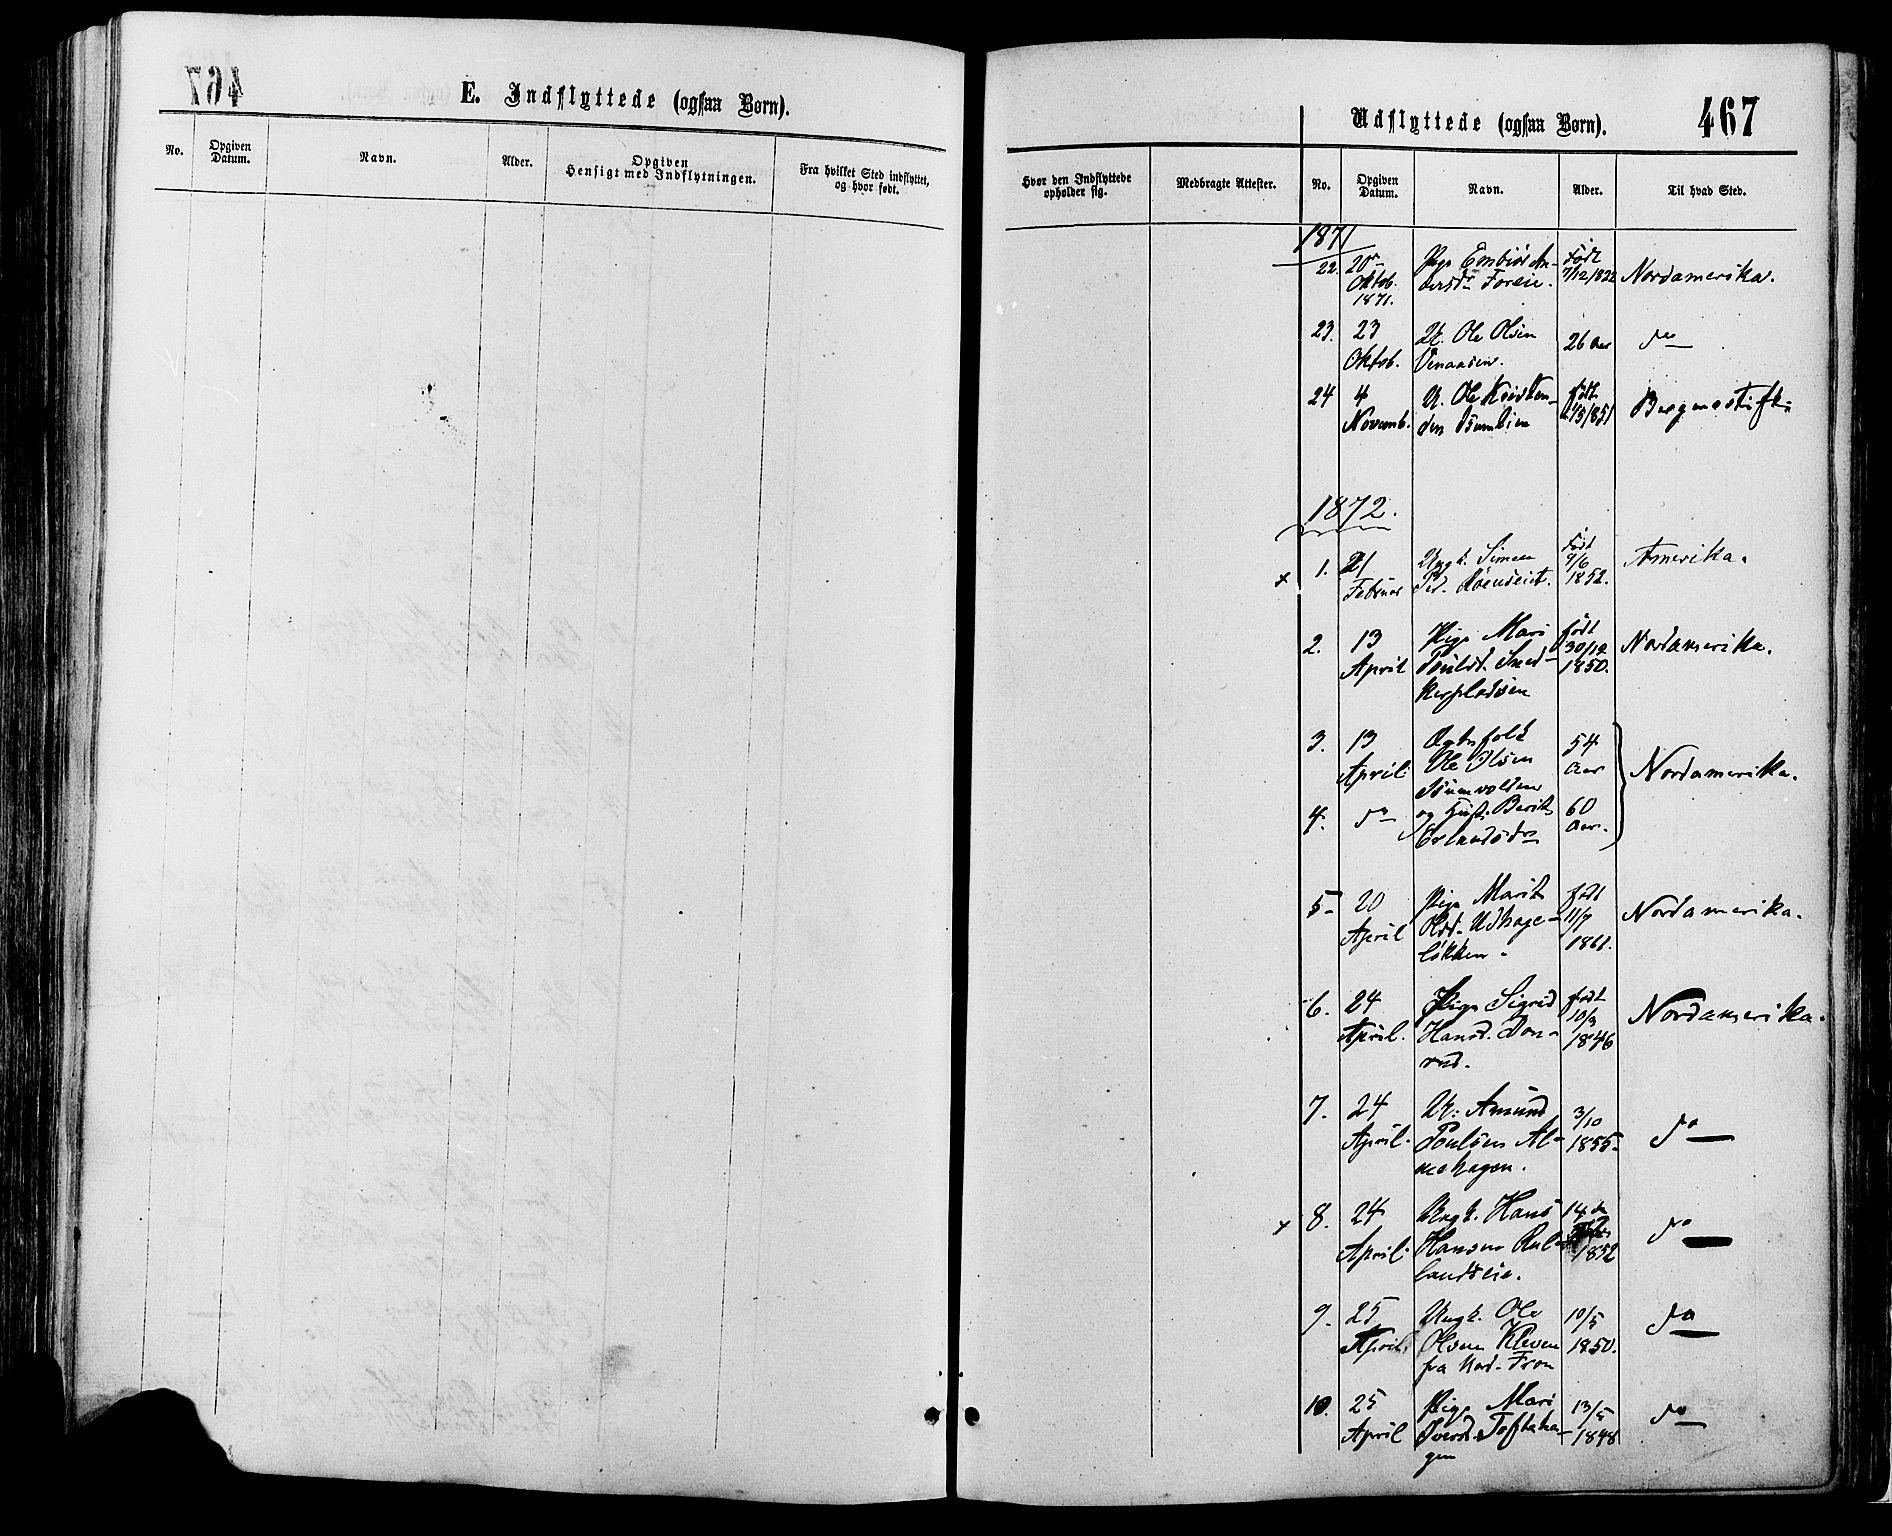 SAH, Sør-Fron prestekontor, H/Ha/Haa/L0002: Ministerialbok nr. 2, 1864-1880, s. 467